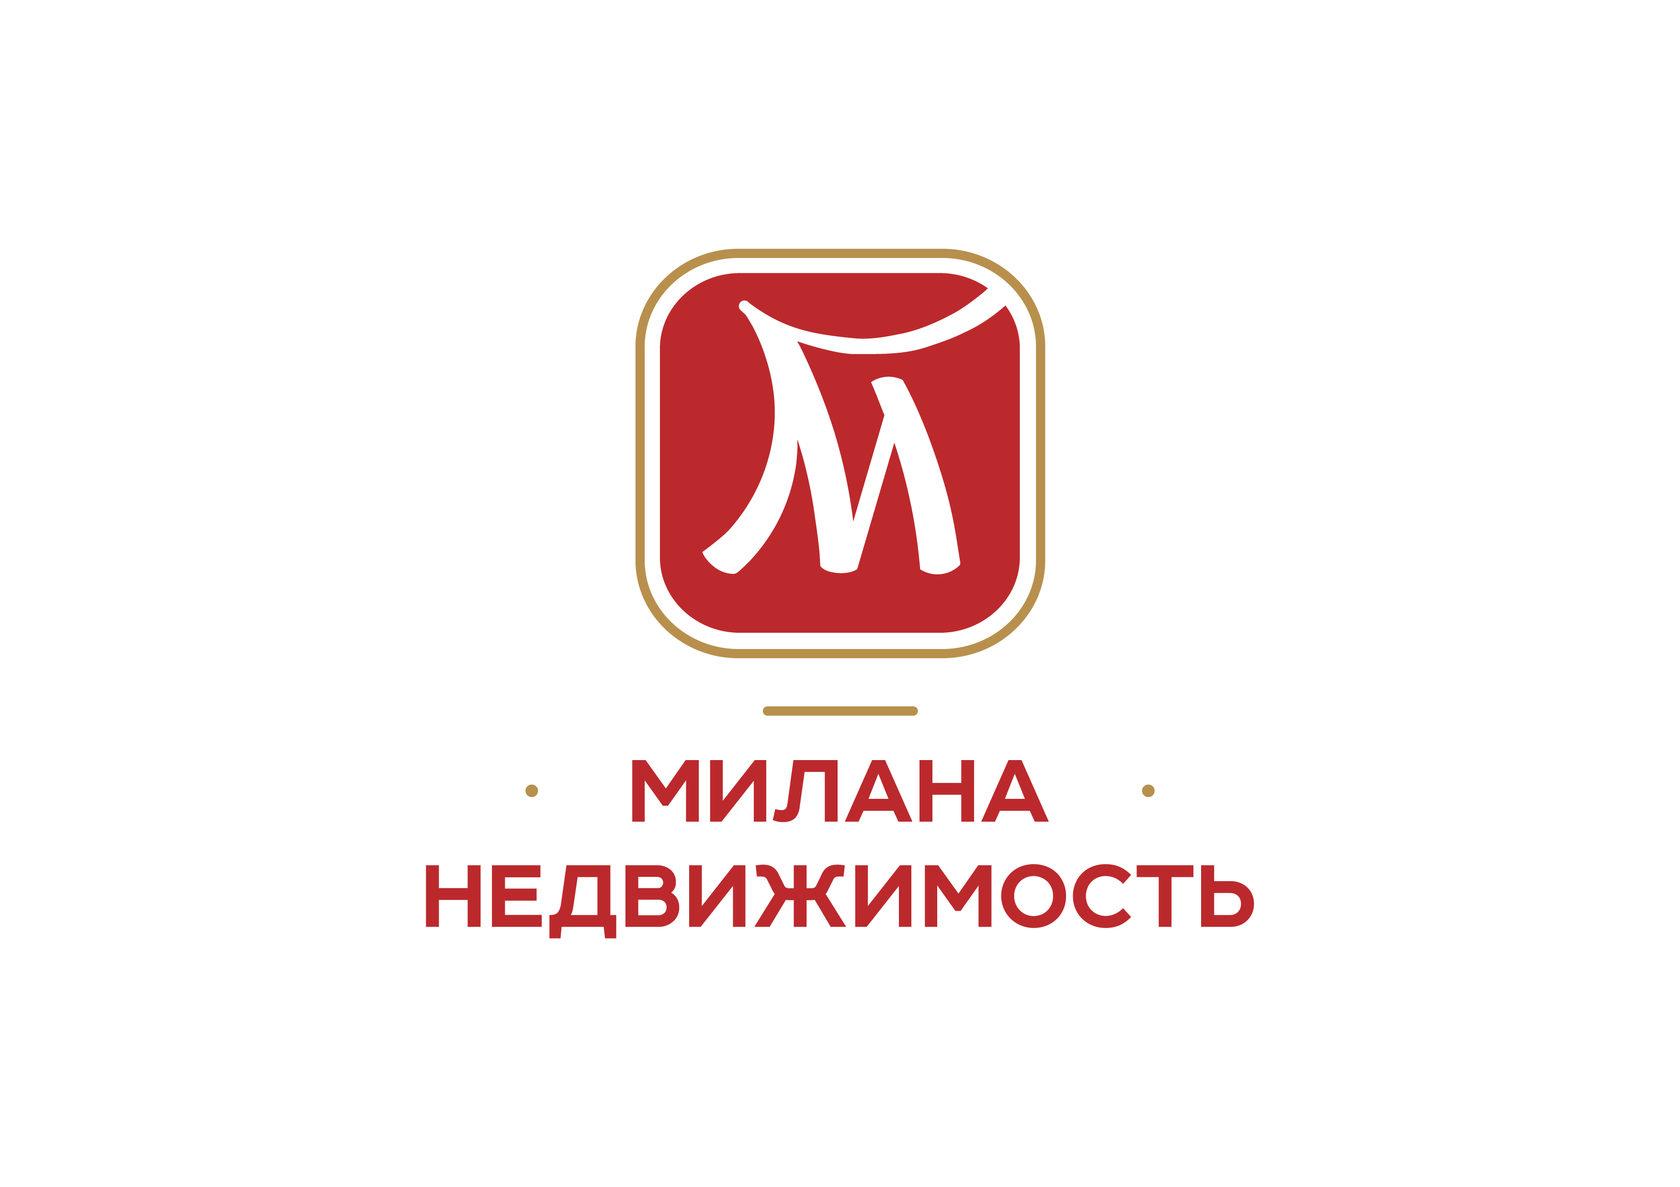 Недвижимость милана работа в дубае для русскоговорящих украинцев